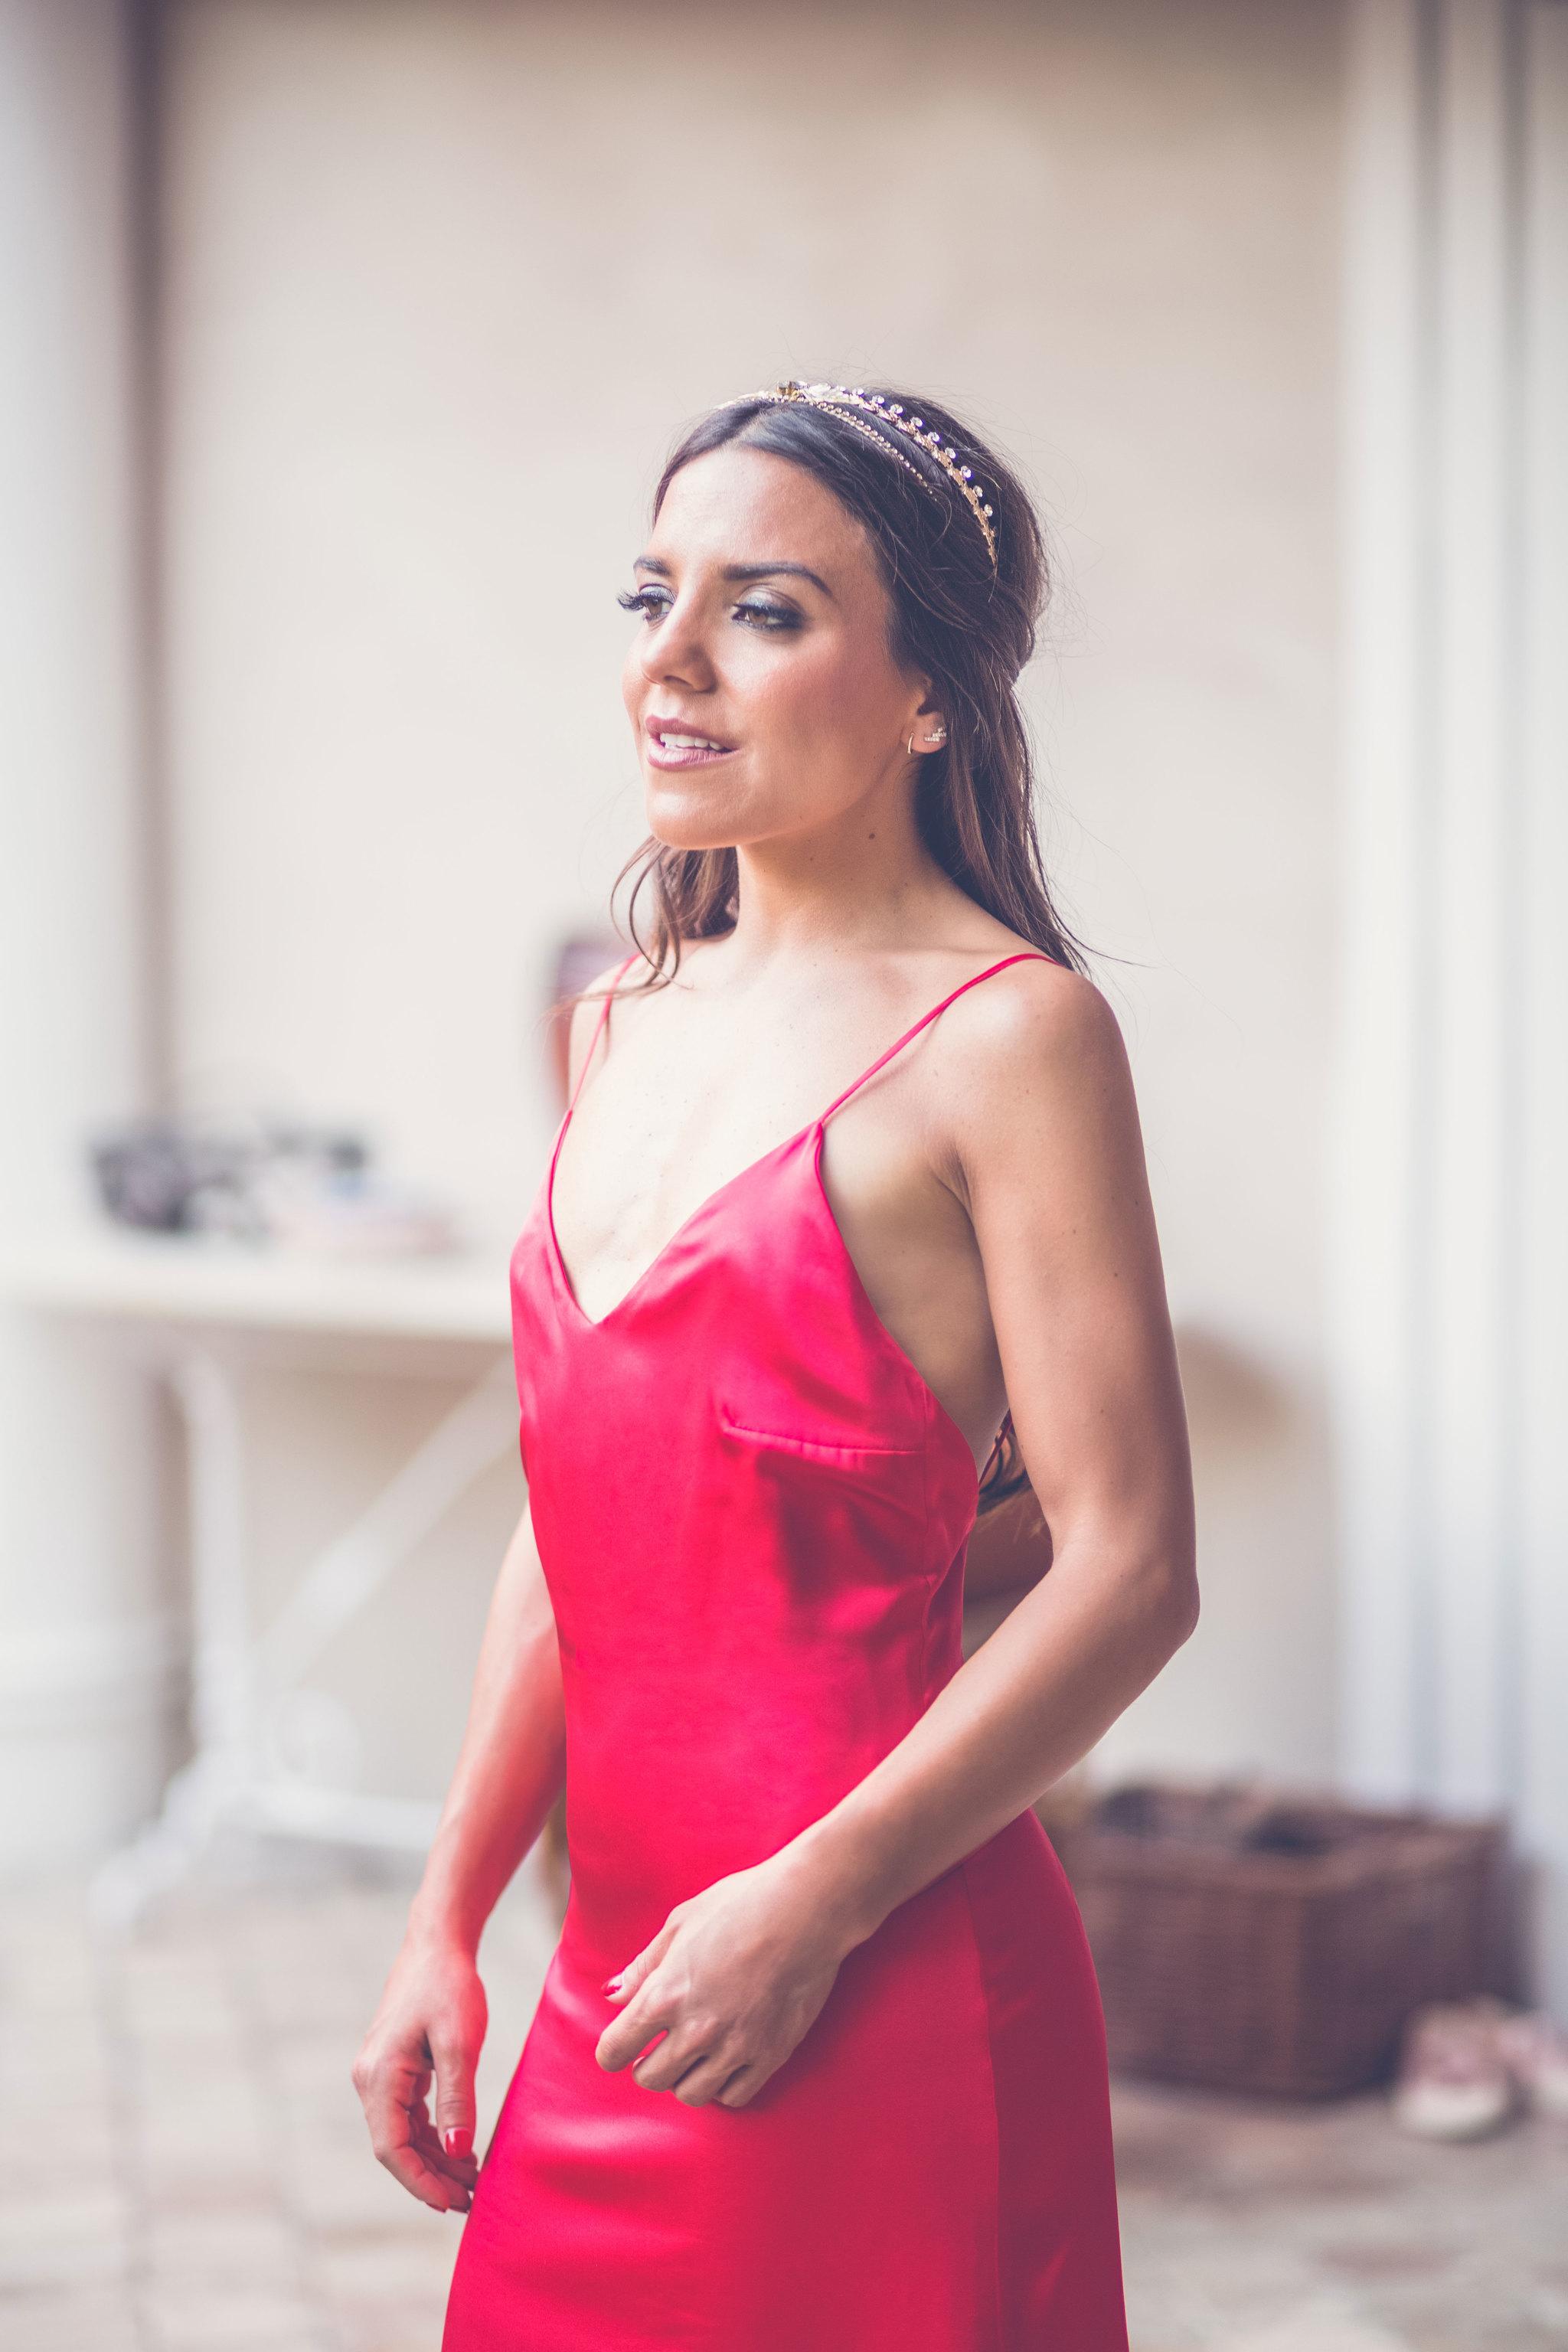 Vestido seda rojo - PVP: 340¤. Maquillaje y hair style por KleyKafe...